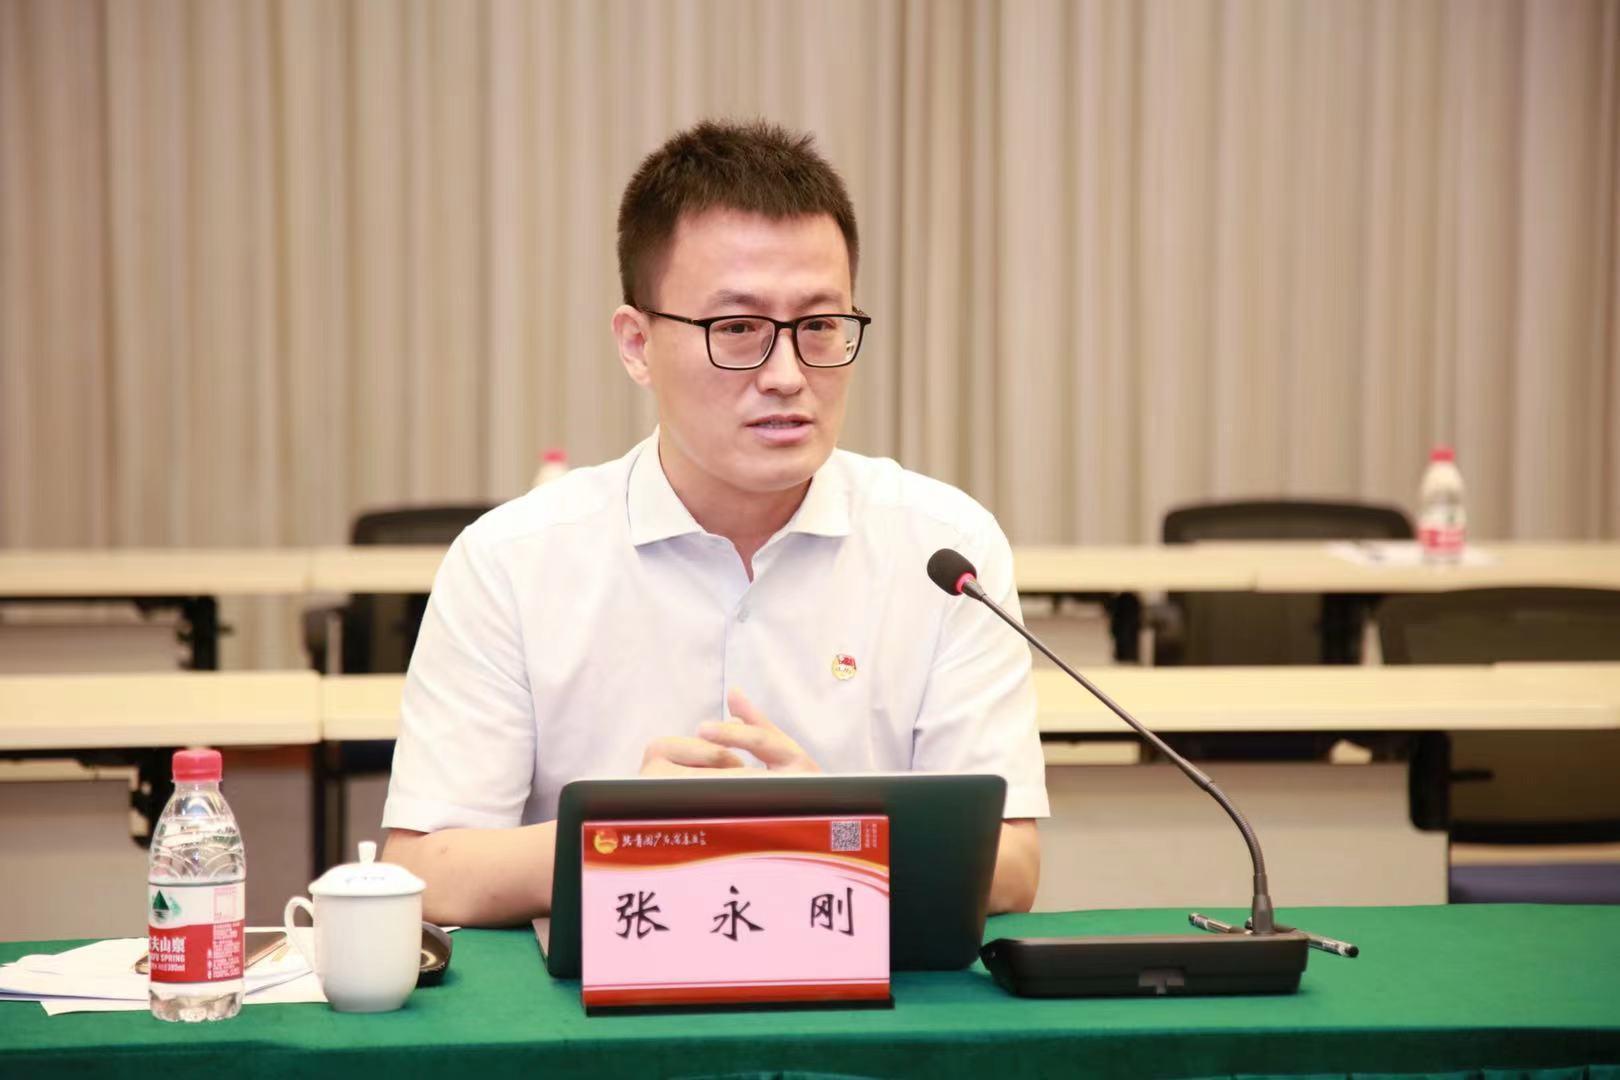 华南师范大学马克思主义学院教授张永刚在会上发言。